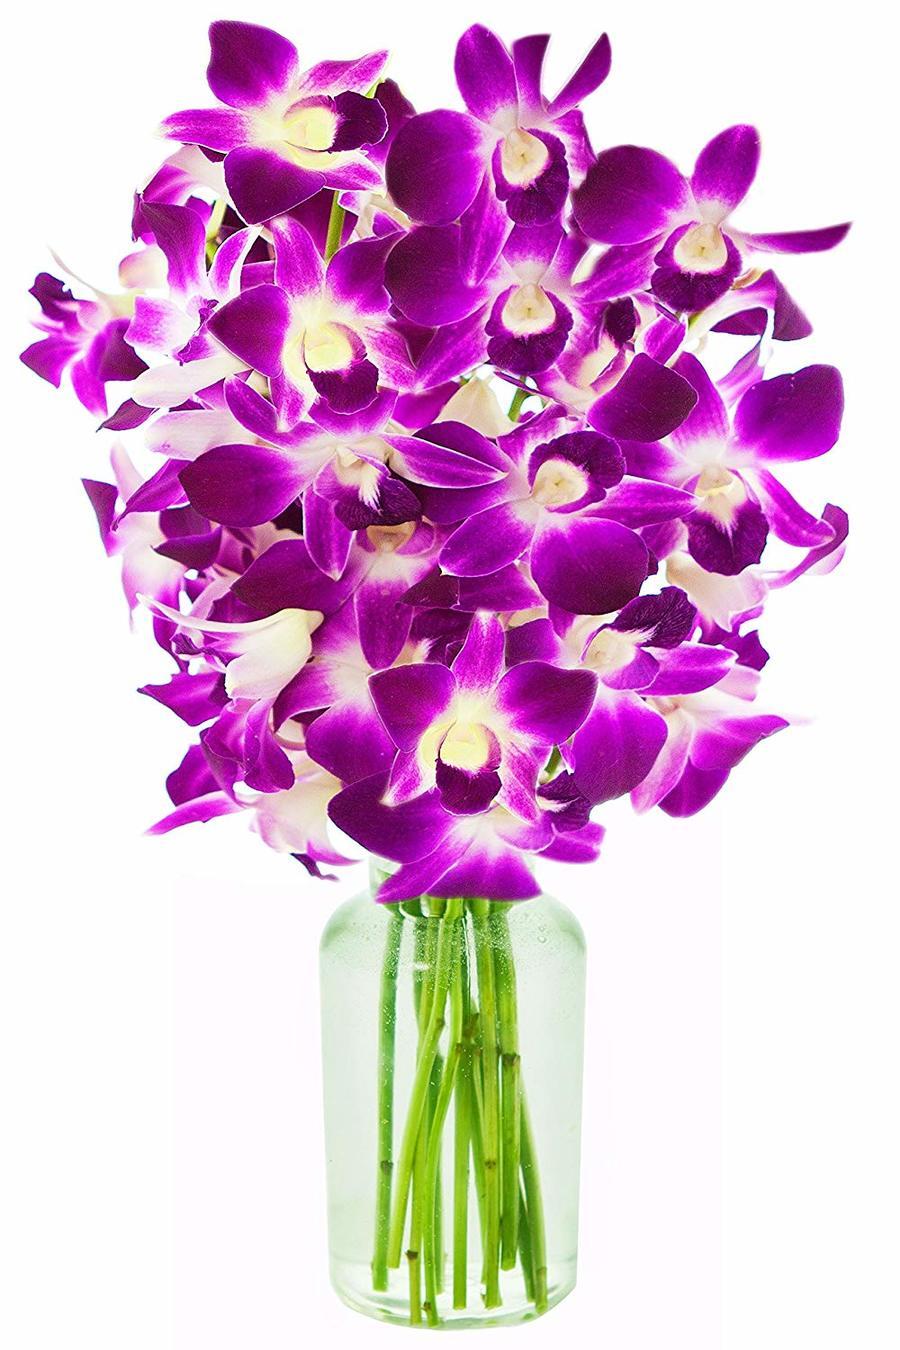 Download orchid bouquet clipart dendrobium orchids flower purple download orchid bouquet clipart dendrobium orchids flower purple plant izmirmasajfo